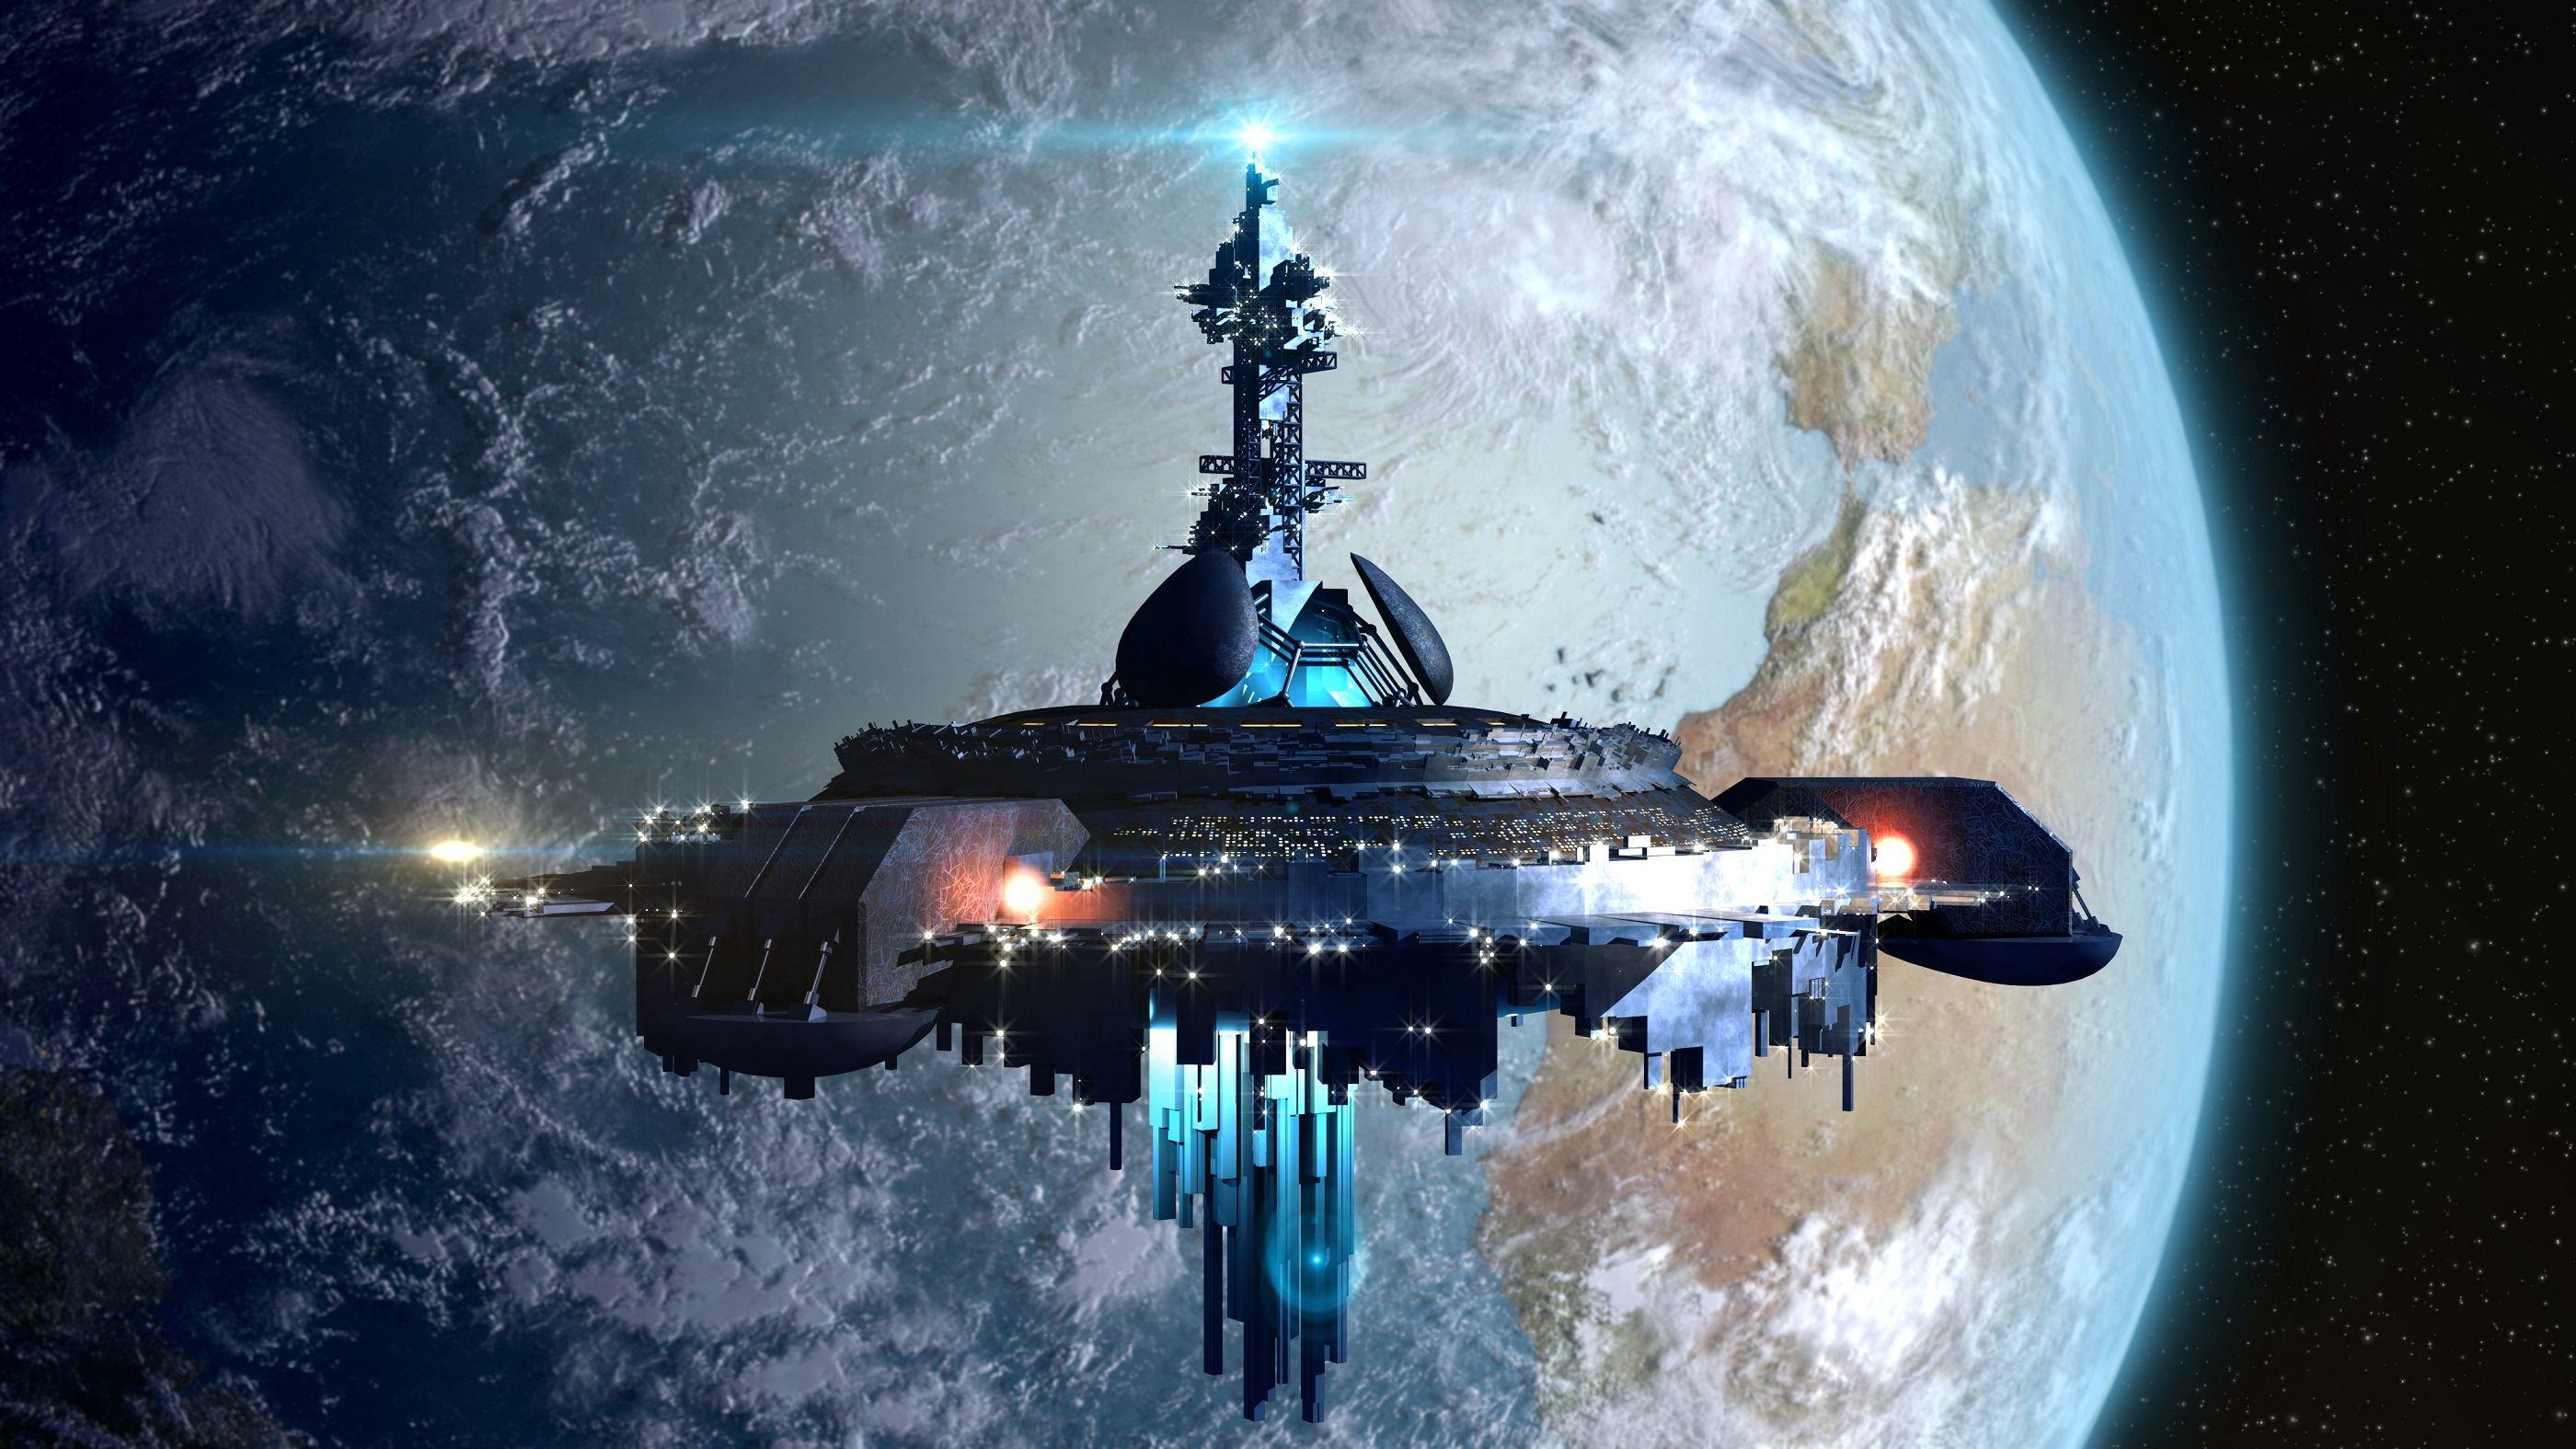 Alien mothership ufo near Earth